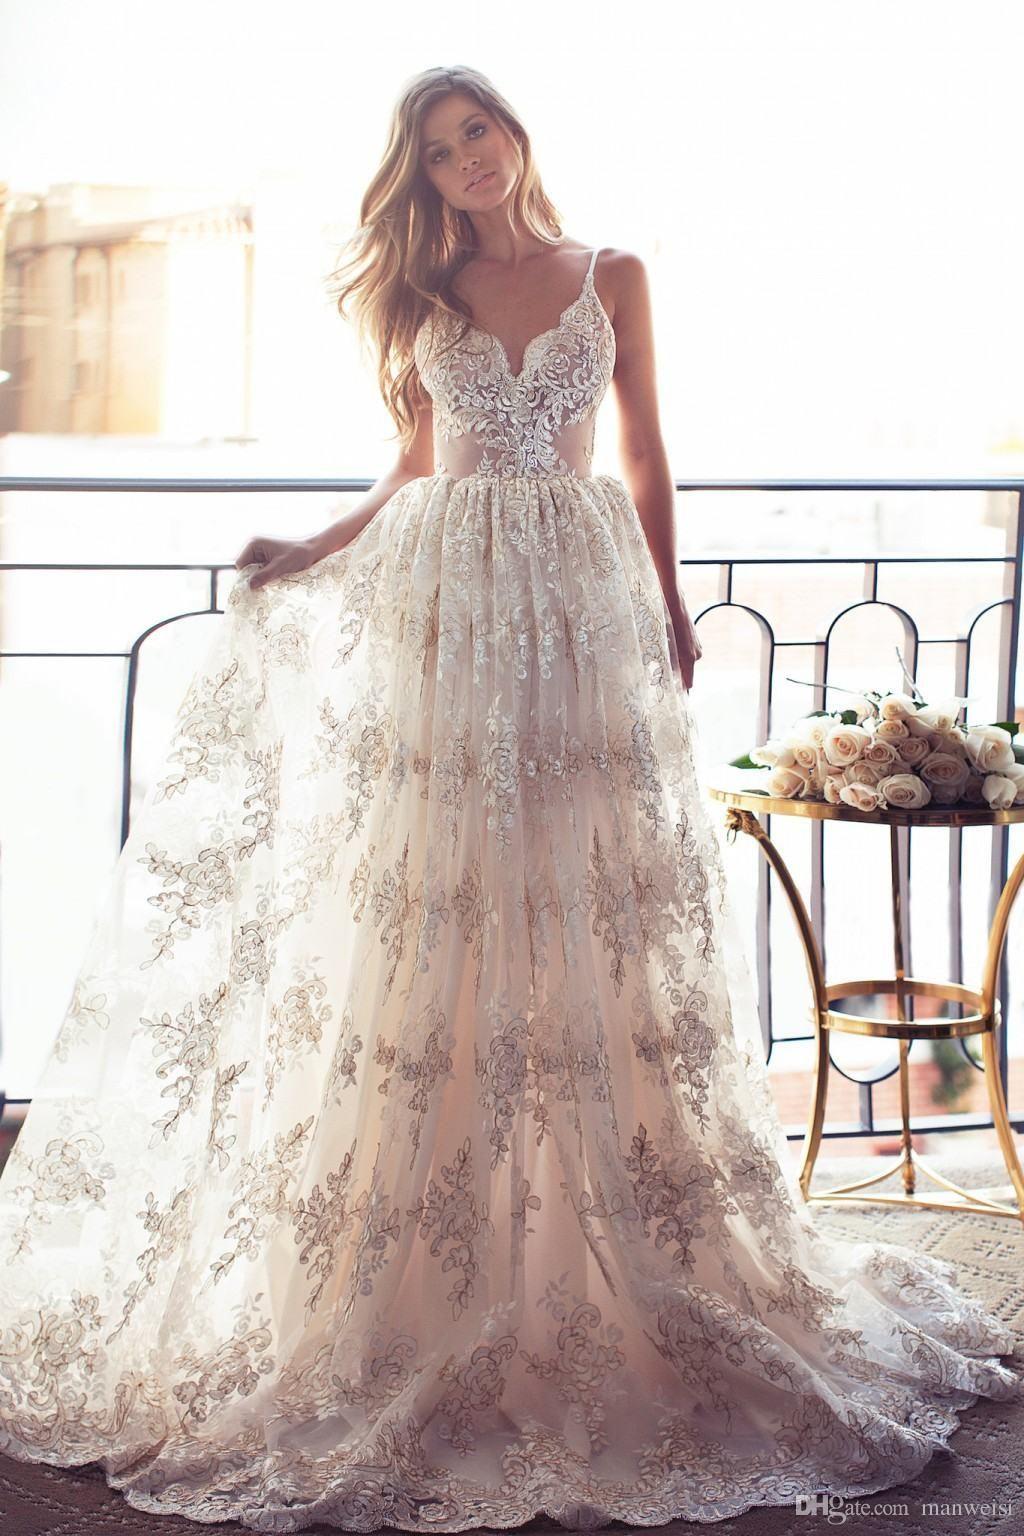 bohemia beach lurelly wedding dresses sexy spaghetti neck